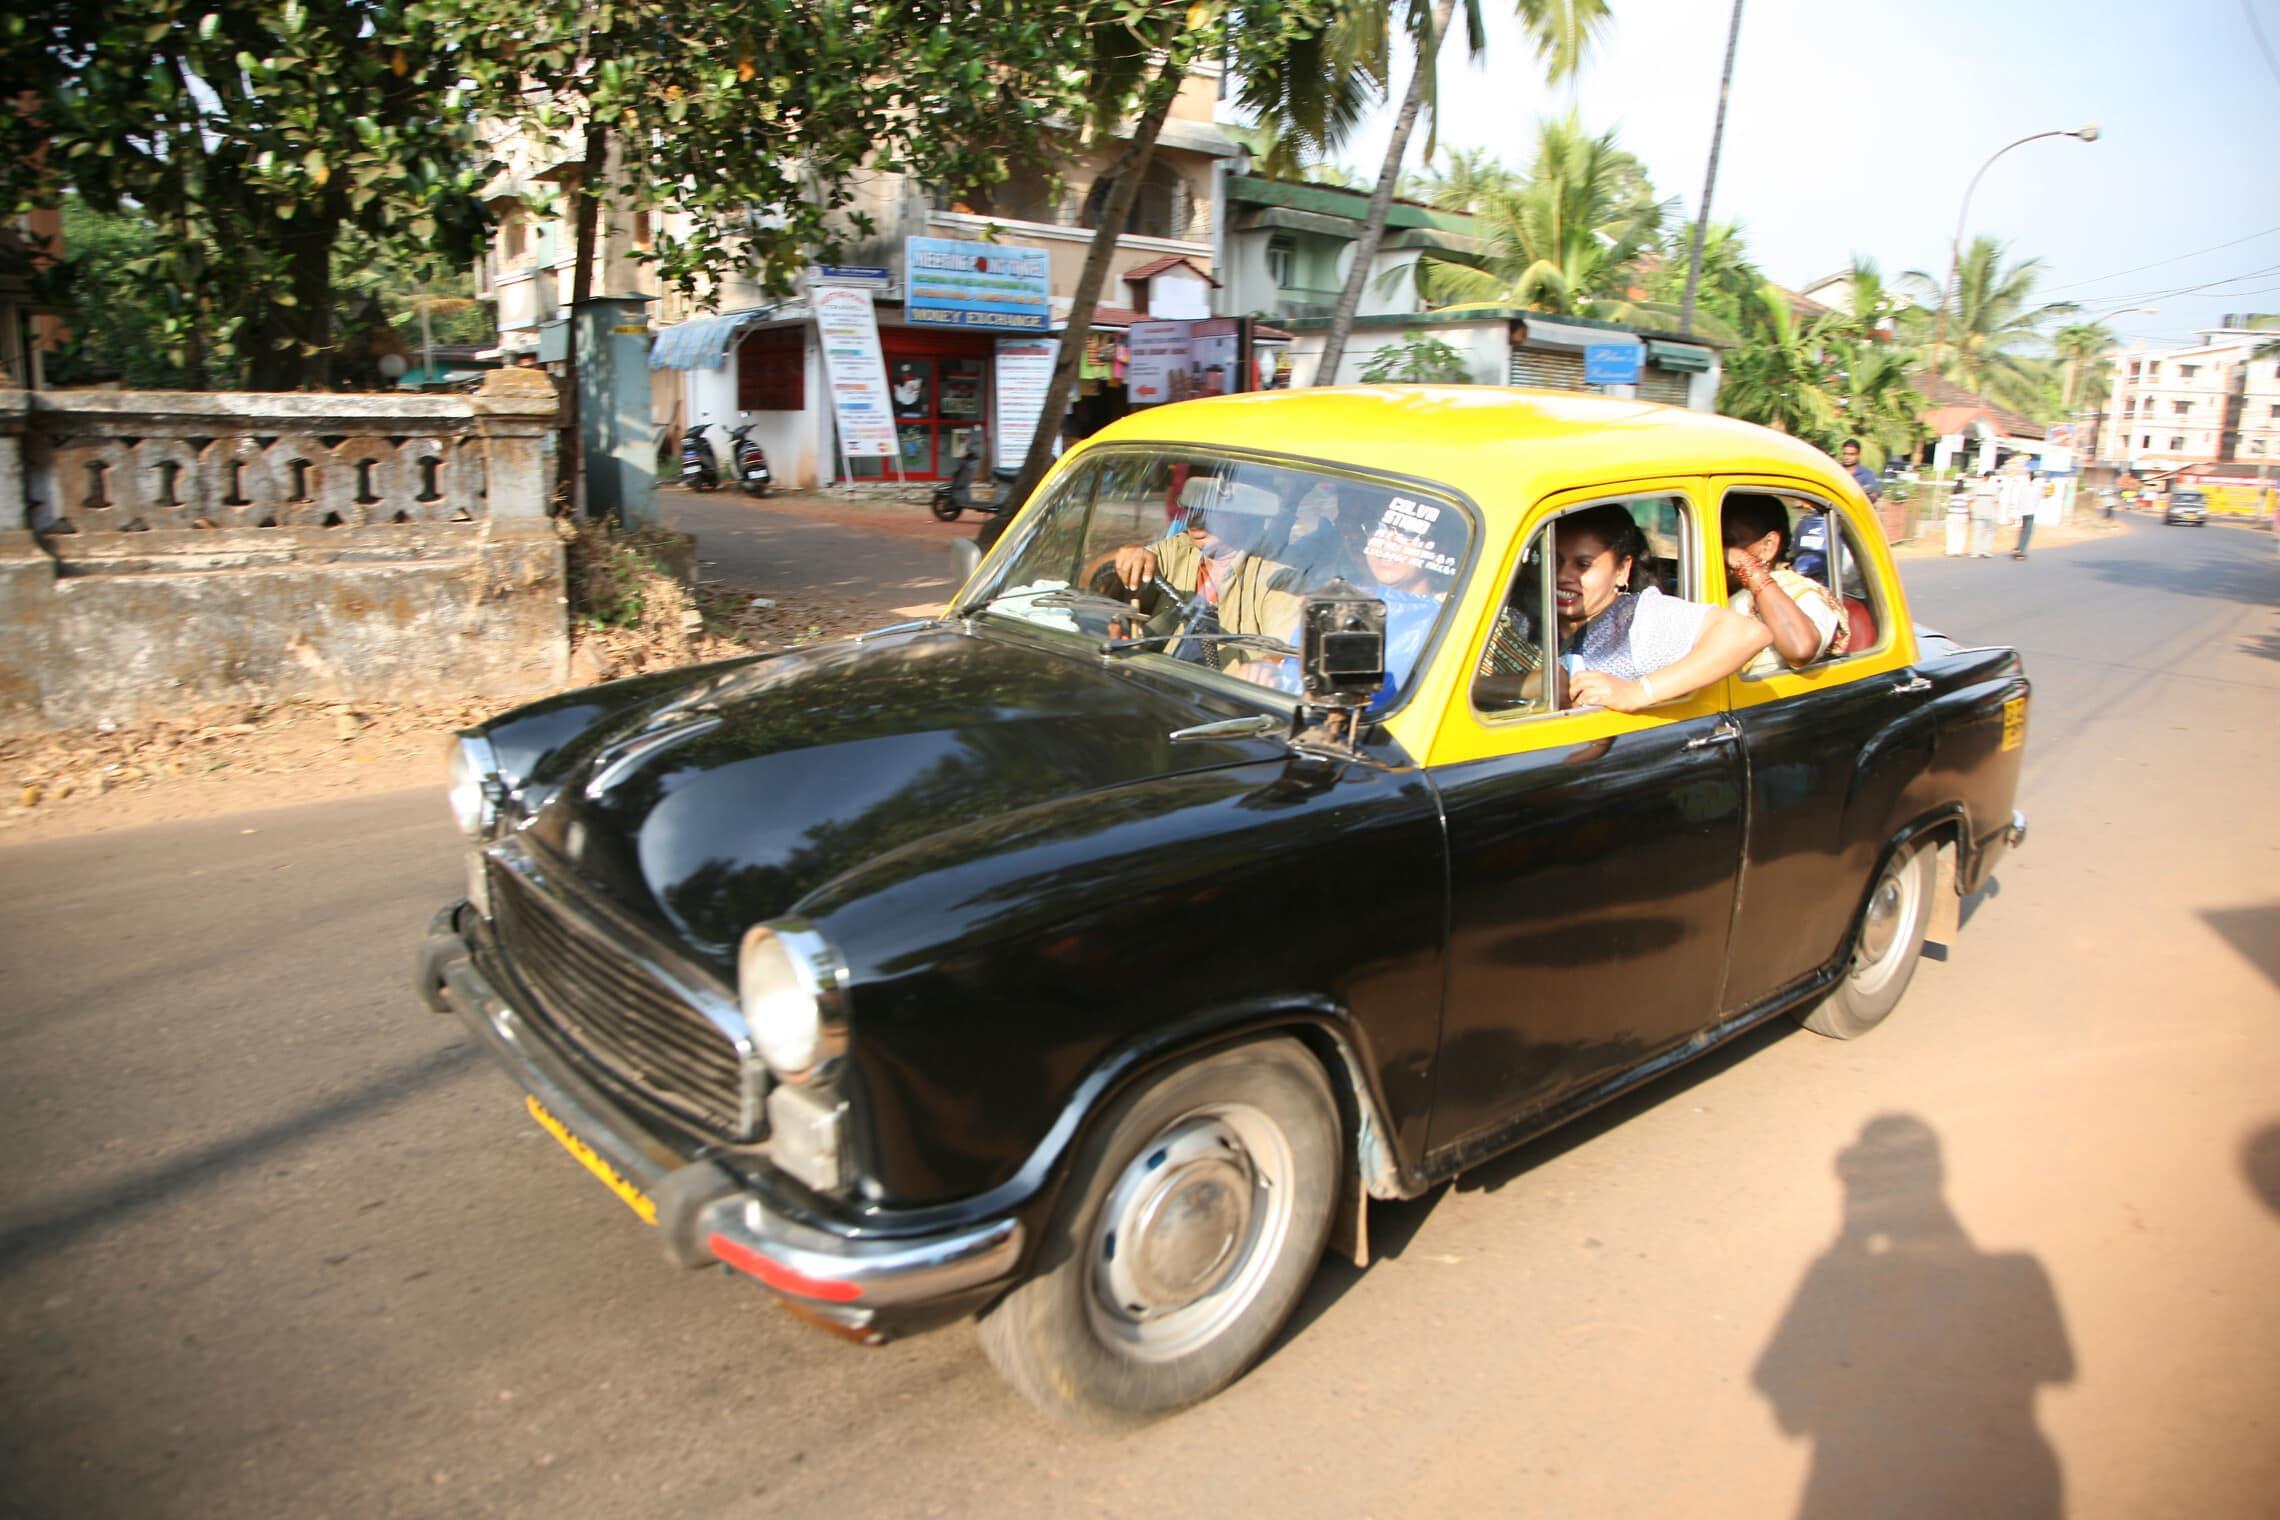 מונית טיפוסית בכפר בגואה, אילוסטרציה (צילום: Tim Whitby / Alamy)